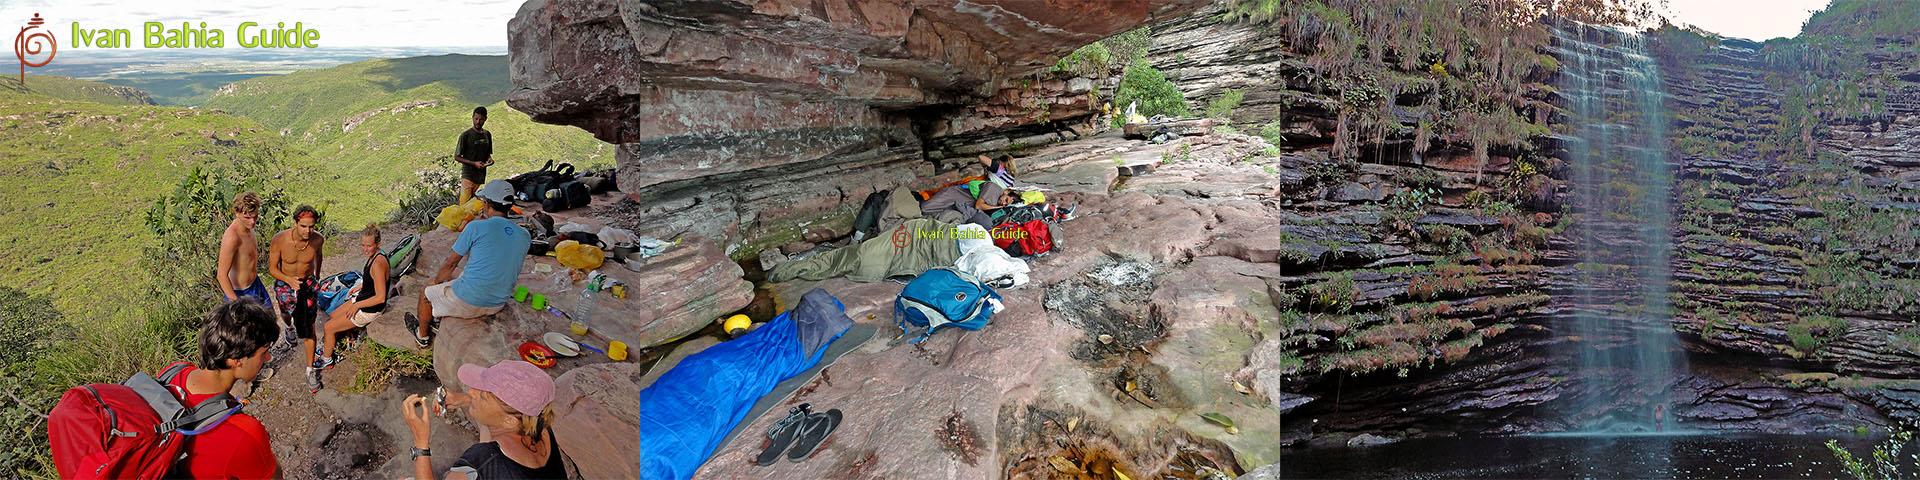 Ivan Bahia & Chapada Diamantina guide / les meilleurs trekkings a Chapada Diamantina Parc National (connu comme le 'Grand Canyon Brésilien') completement organisé pour vous, guide francophone possible